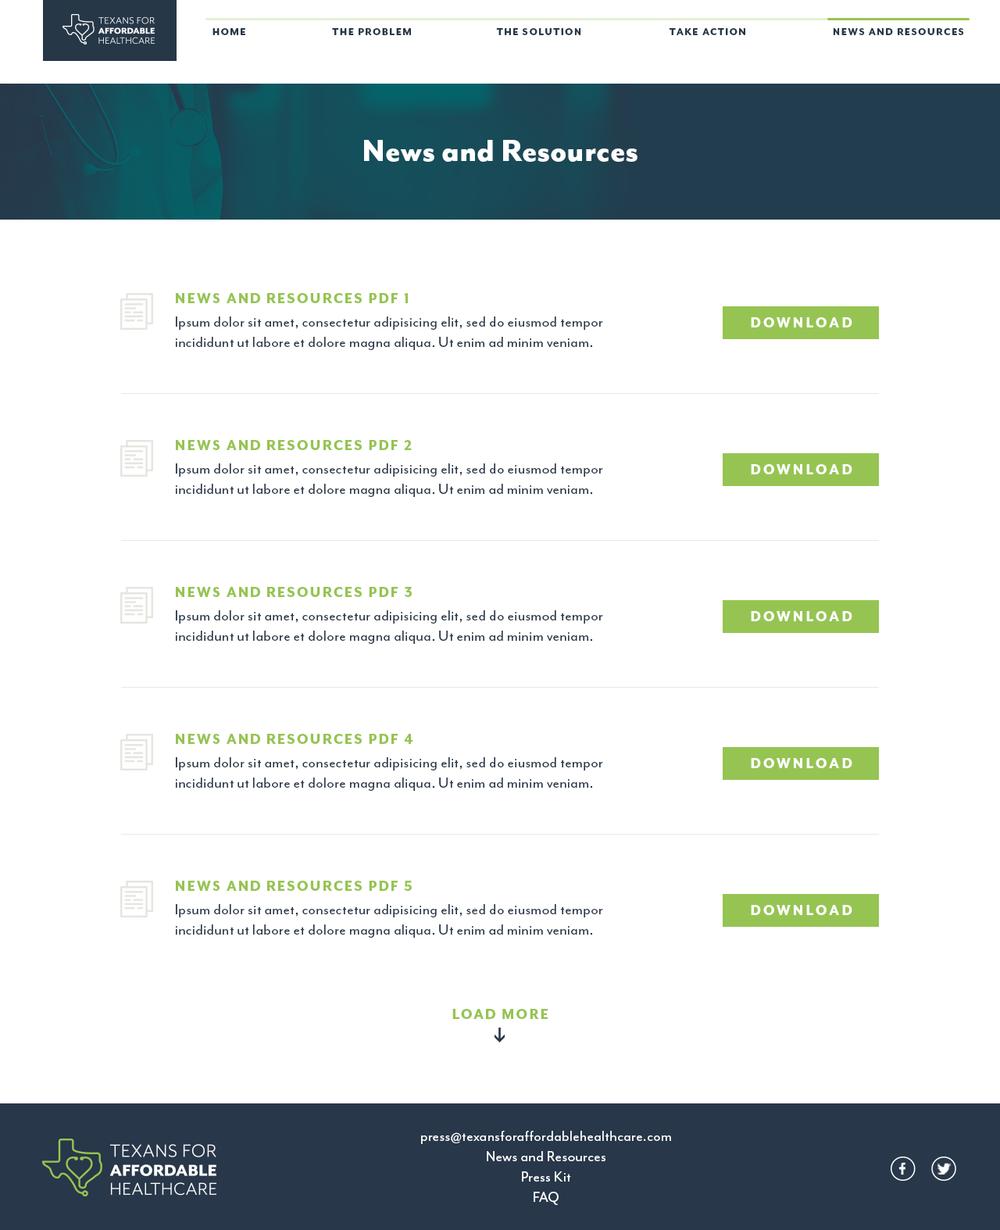 TAHC_website-mockup_desktop_v5_news-resources.png